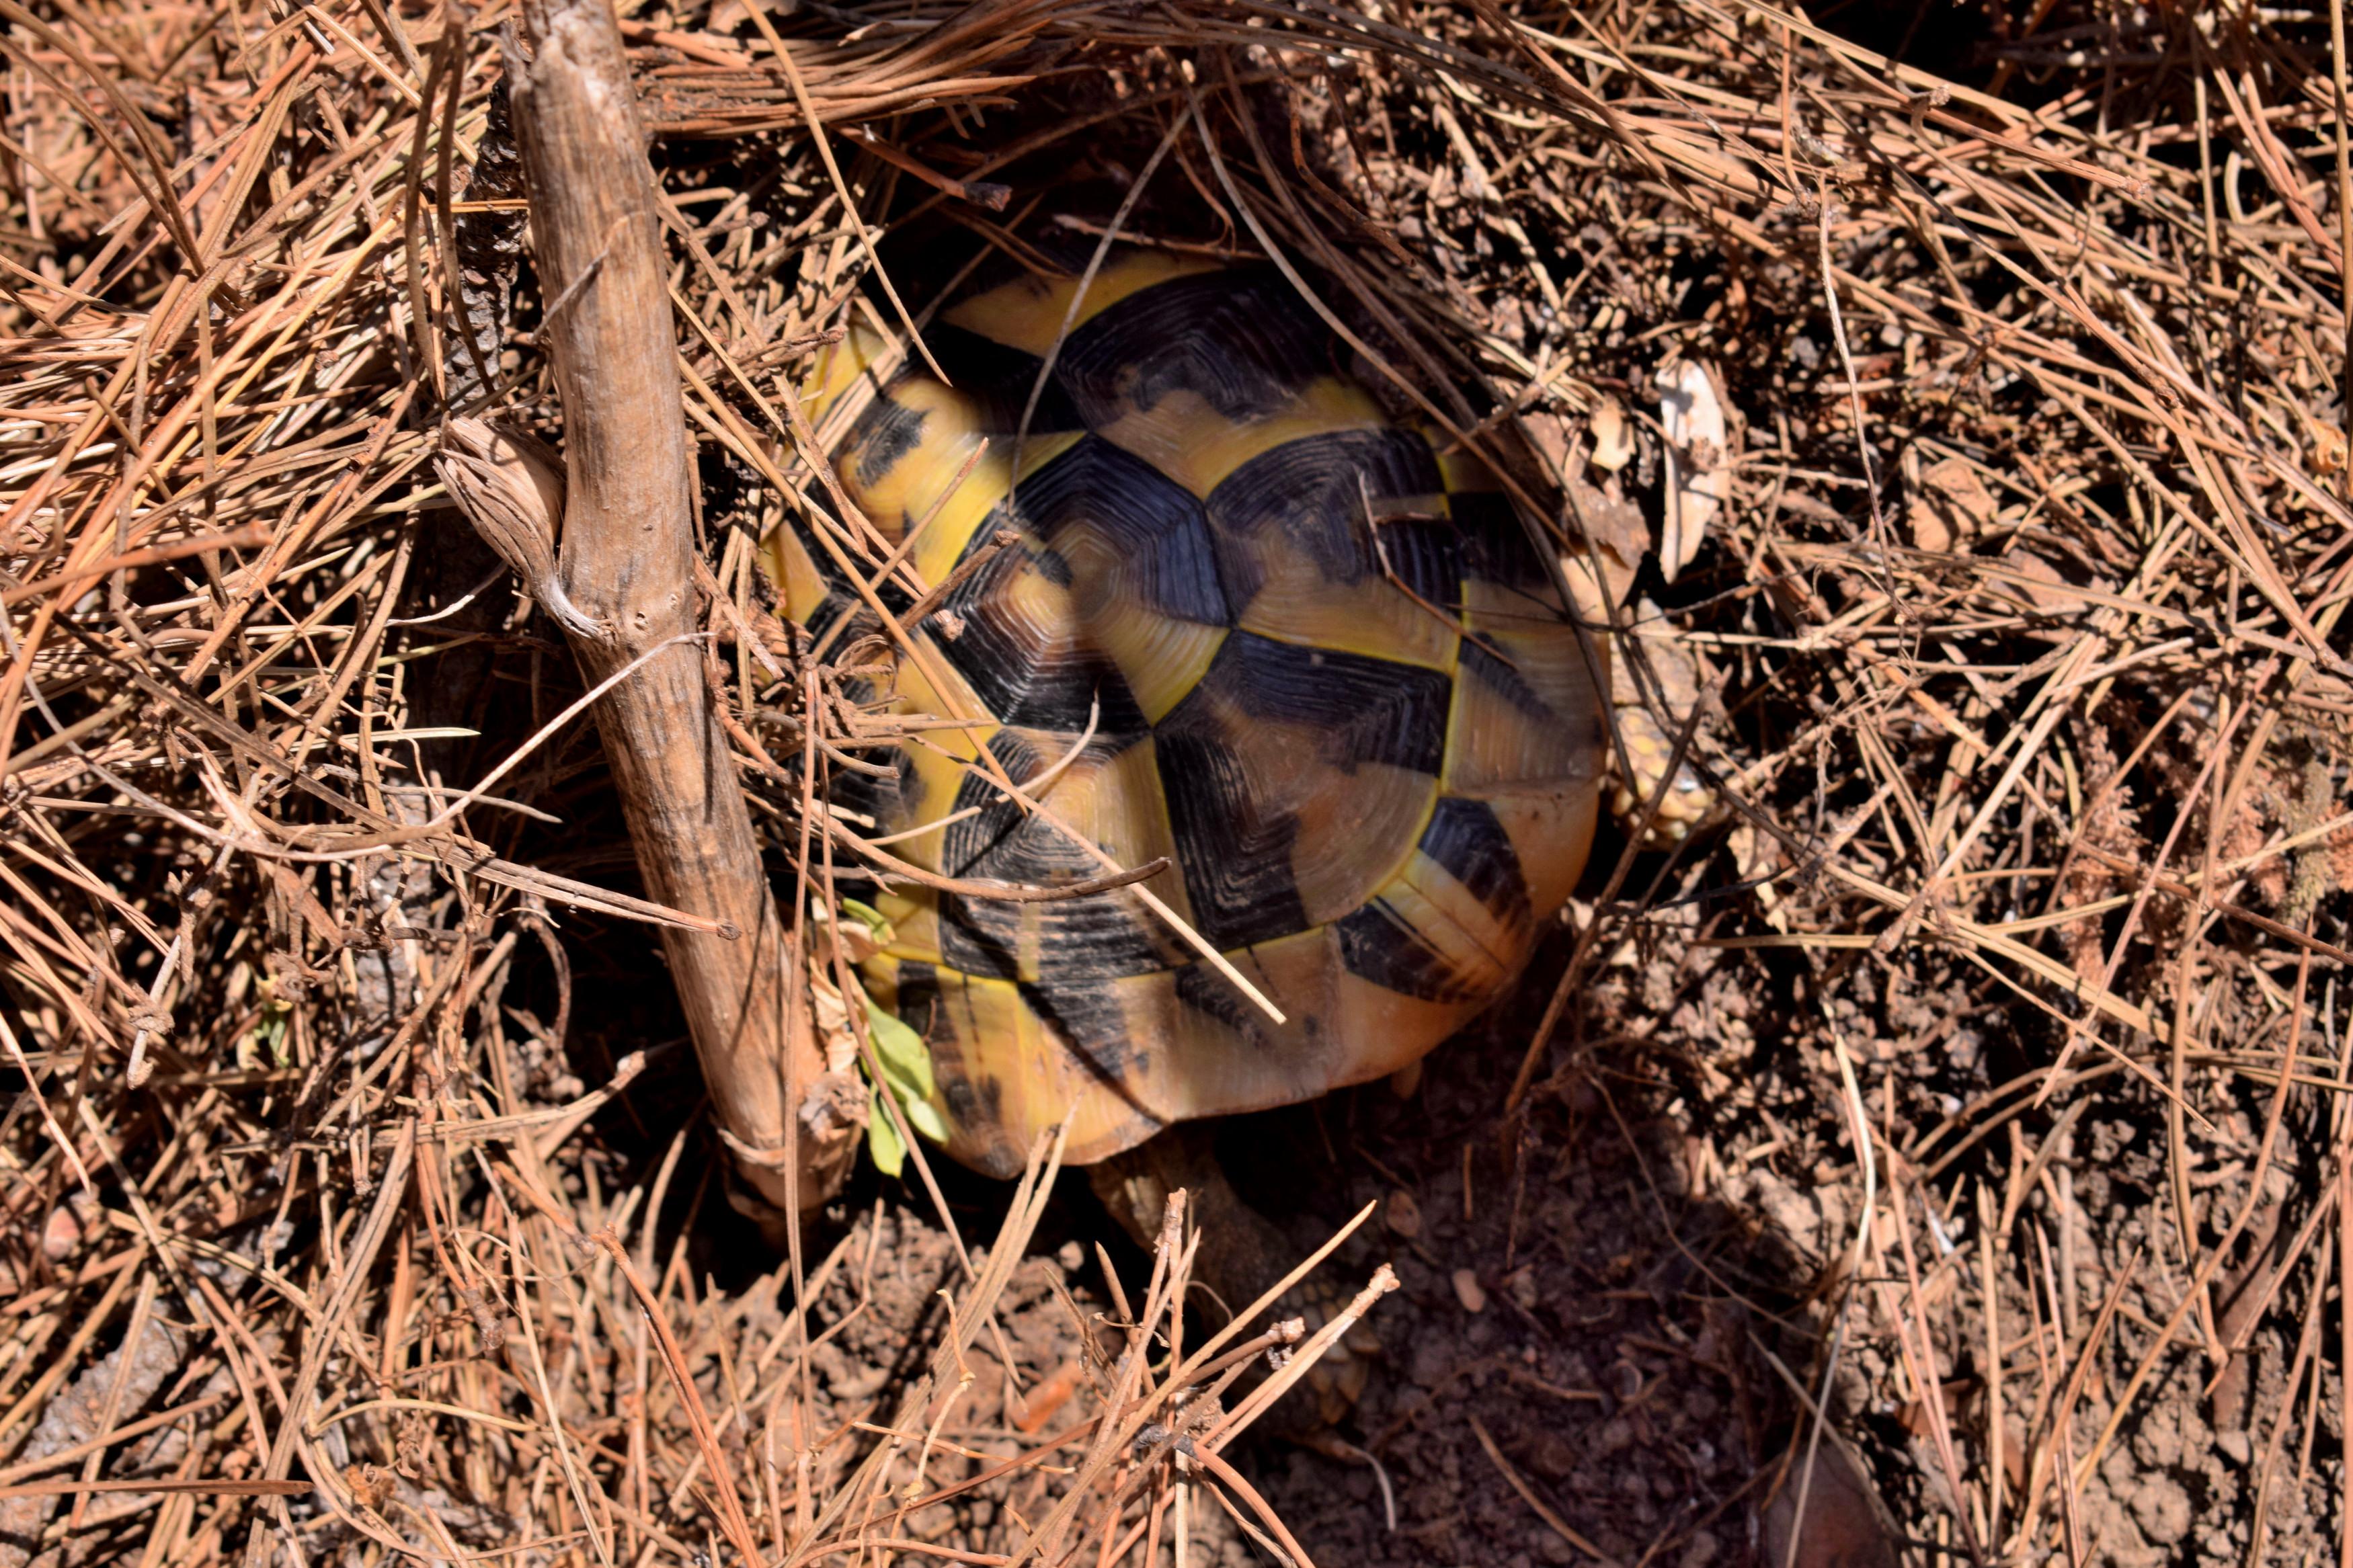 A város mellett közvetlenül található egy fenyőerdő, itt a domboldalba ásta be magát ez a teknős, közvetlenül az út mellett.